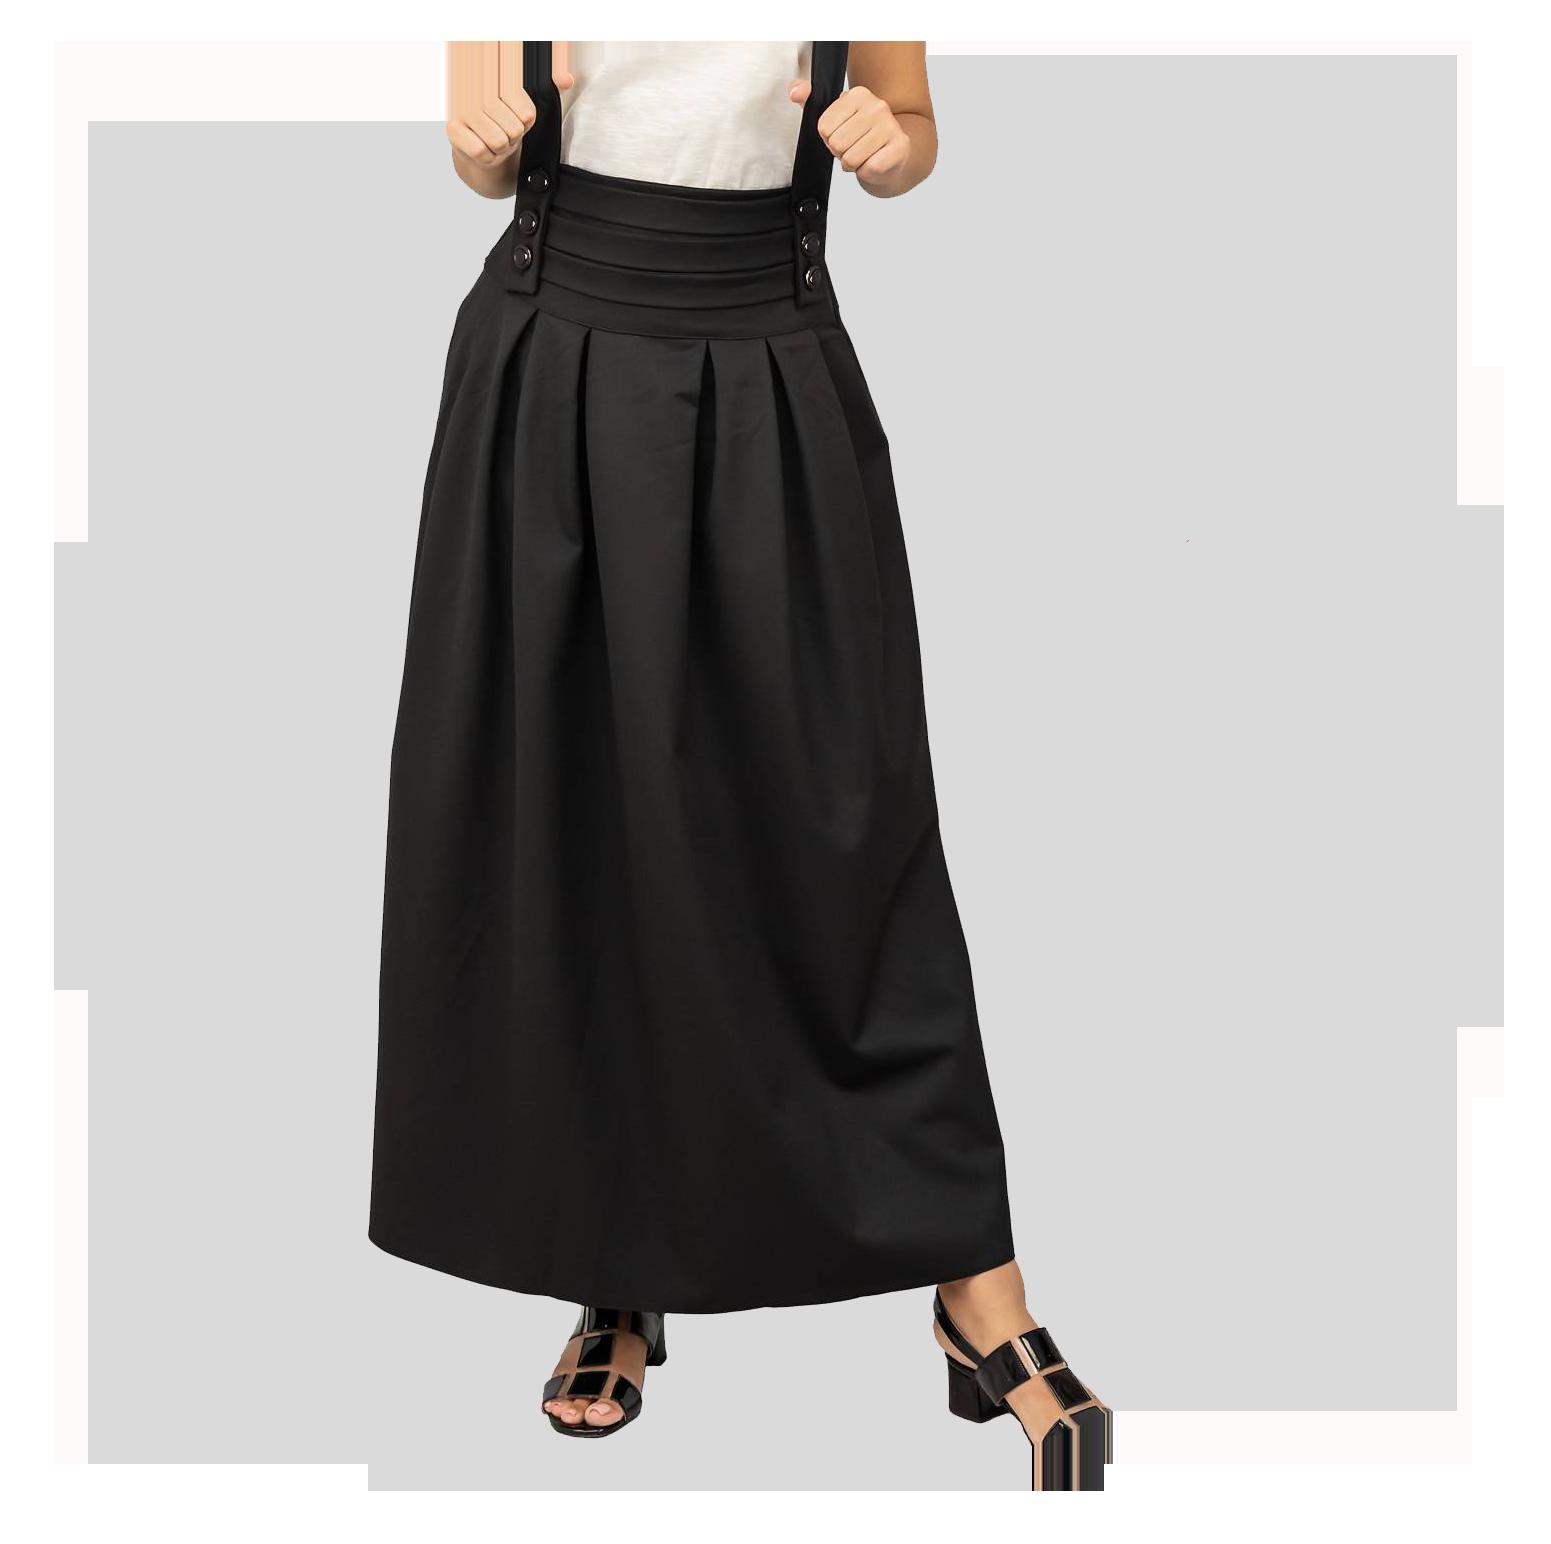 γυναίκα με μαύρη φούστα μπροστά από γκρι φόντο